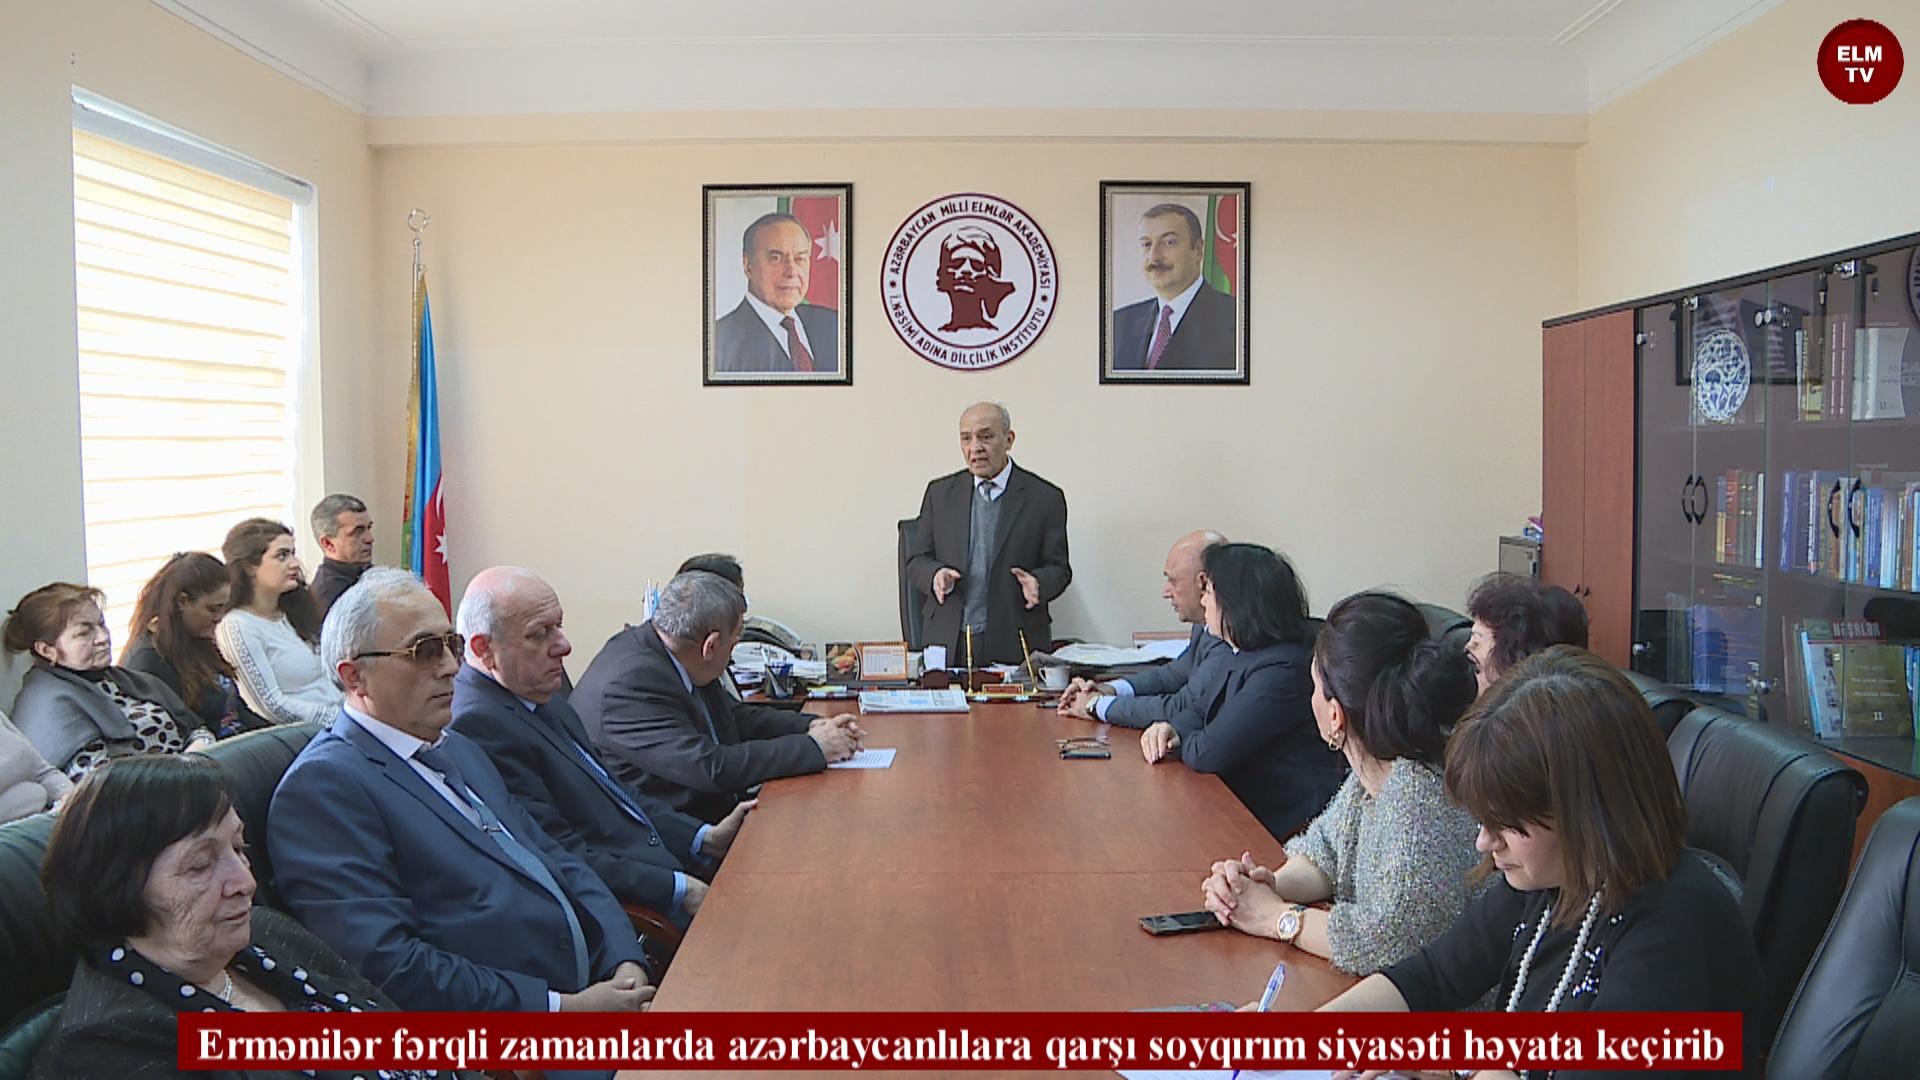 Ermənilər fərqli zamanlarda azərbaycanlılara qarşı soyqırım siyasəti həyata keçirib